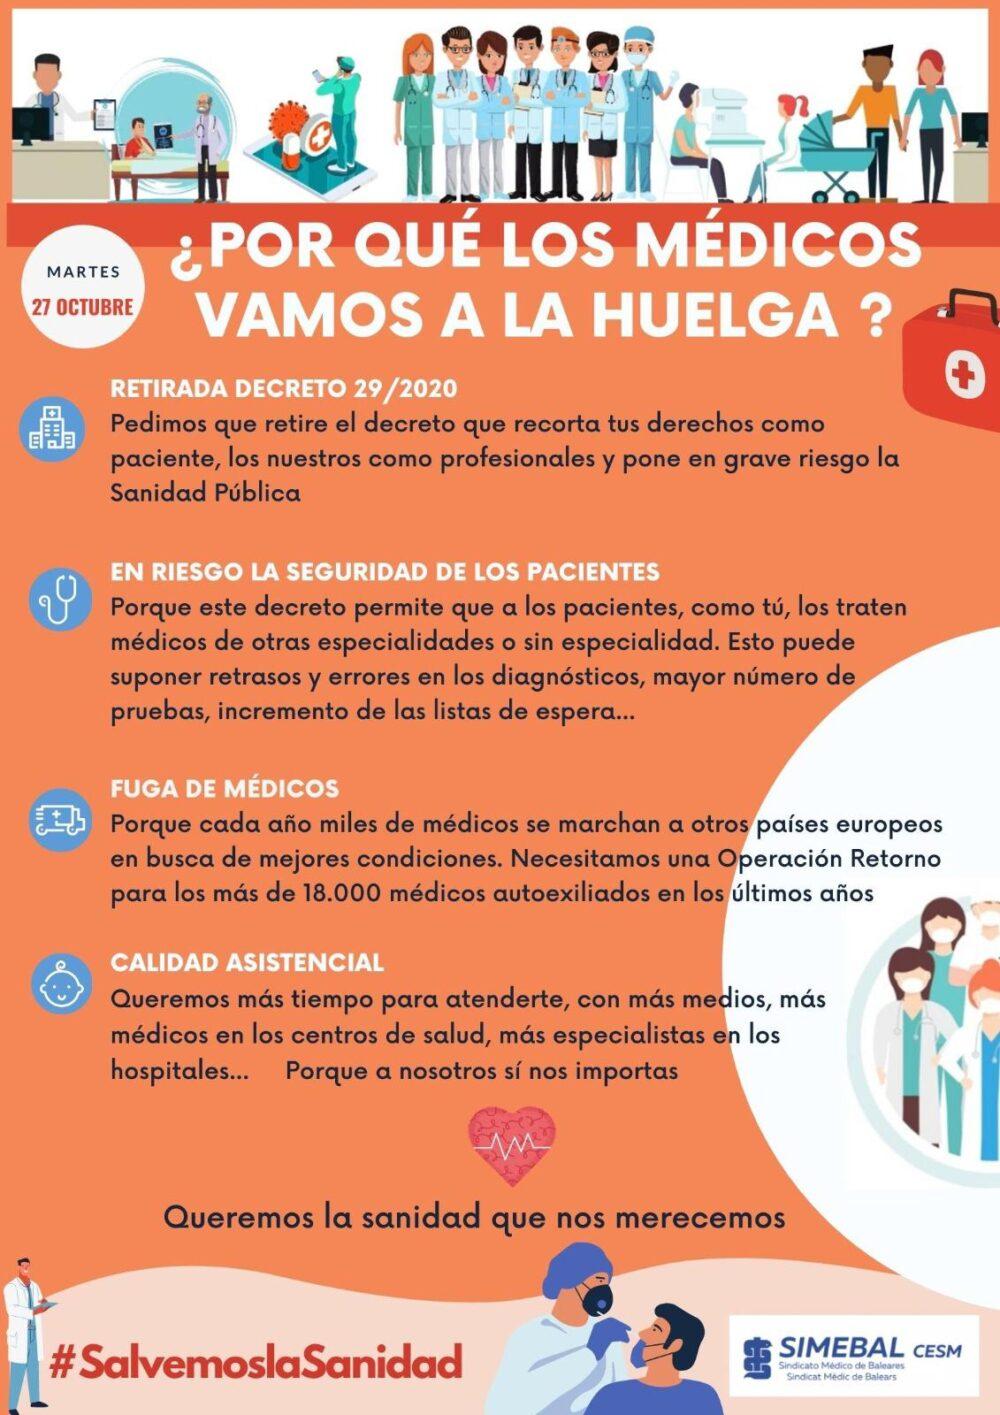 IMG-20201027-WA0001% - Y los verdaderos motivos de la huelga de médicos son...